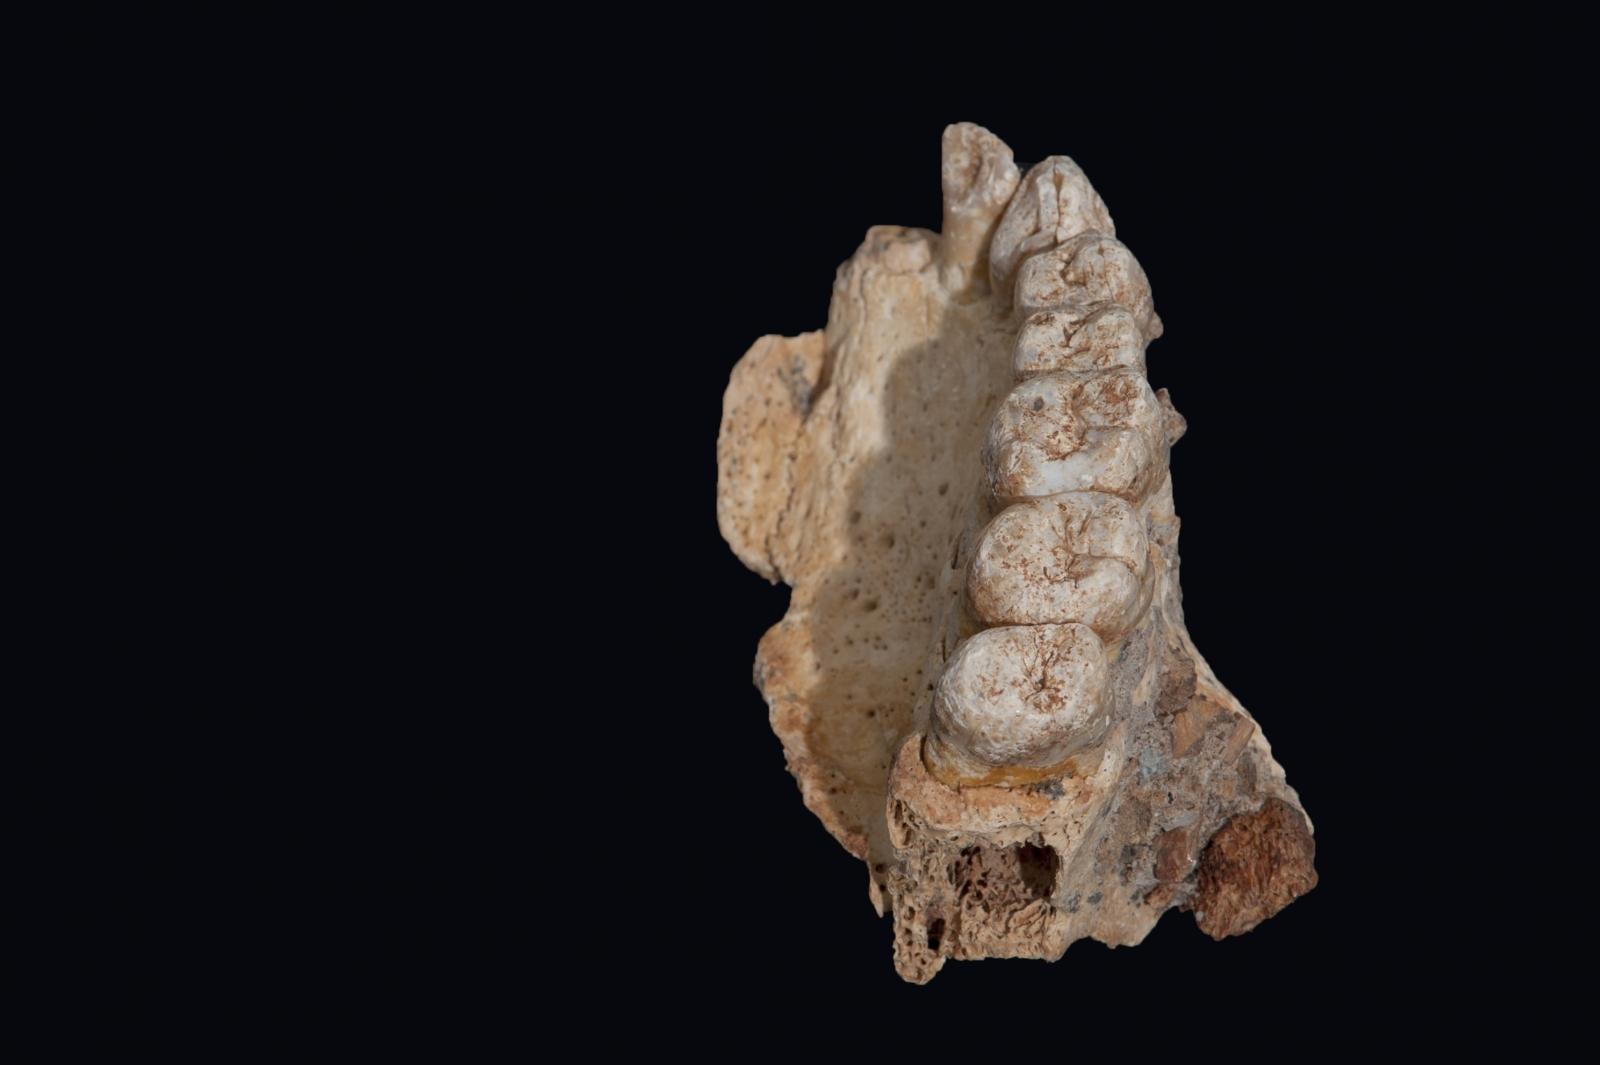 Misliya fossils